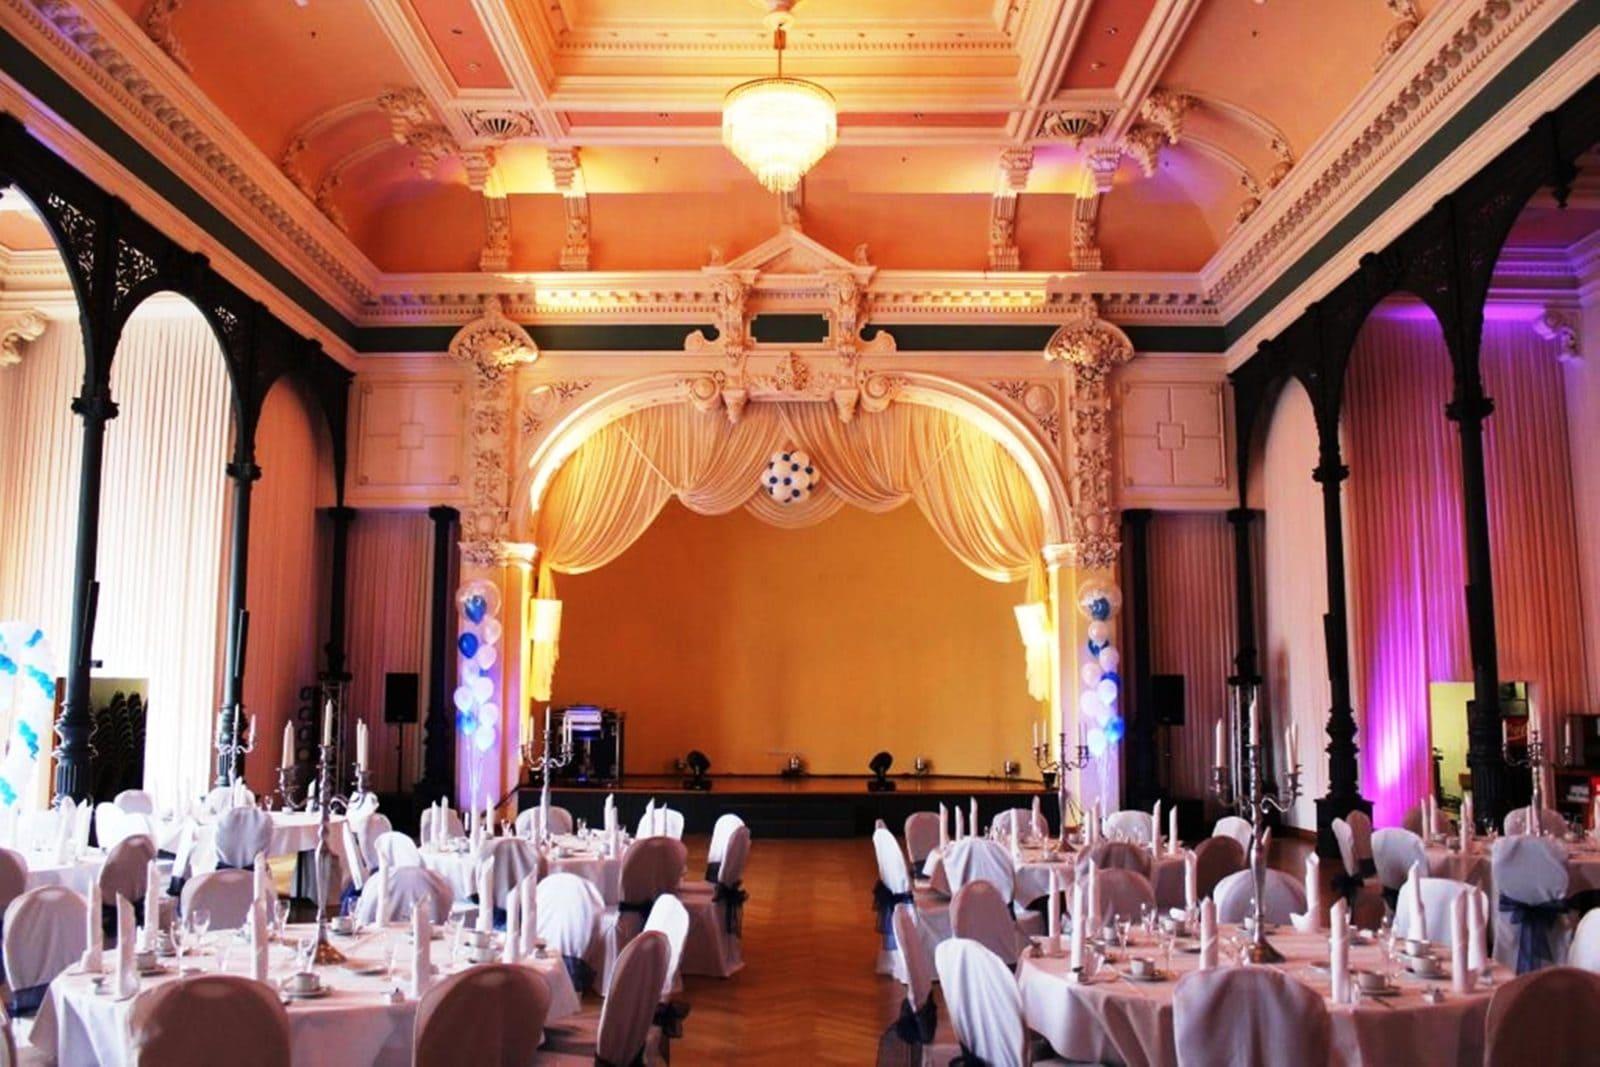 Hochzeit im Ballsaal Lindengarten in Dresden  Hochzeiten  Feiern